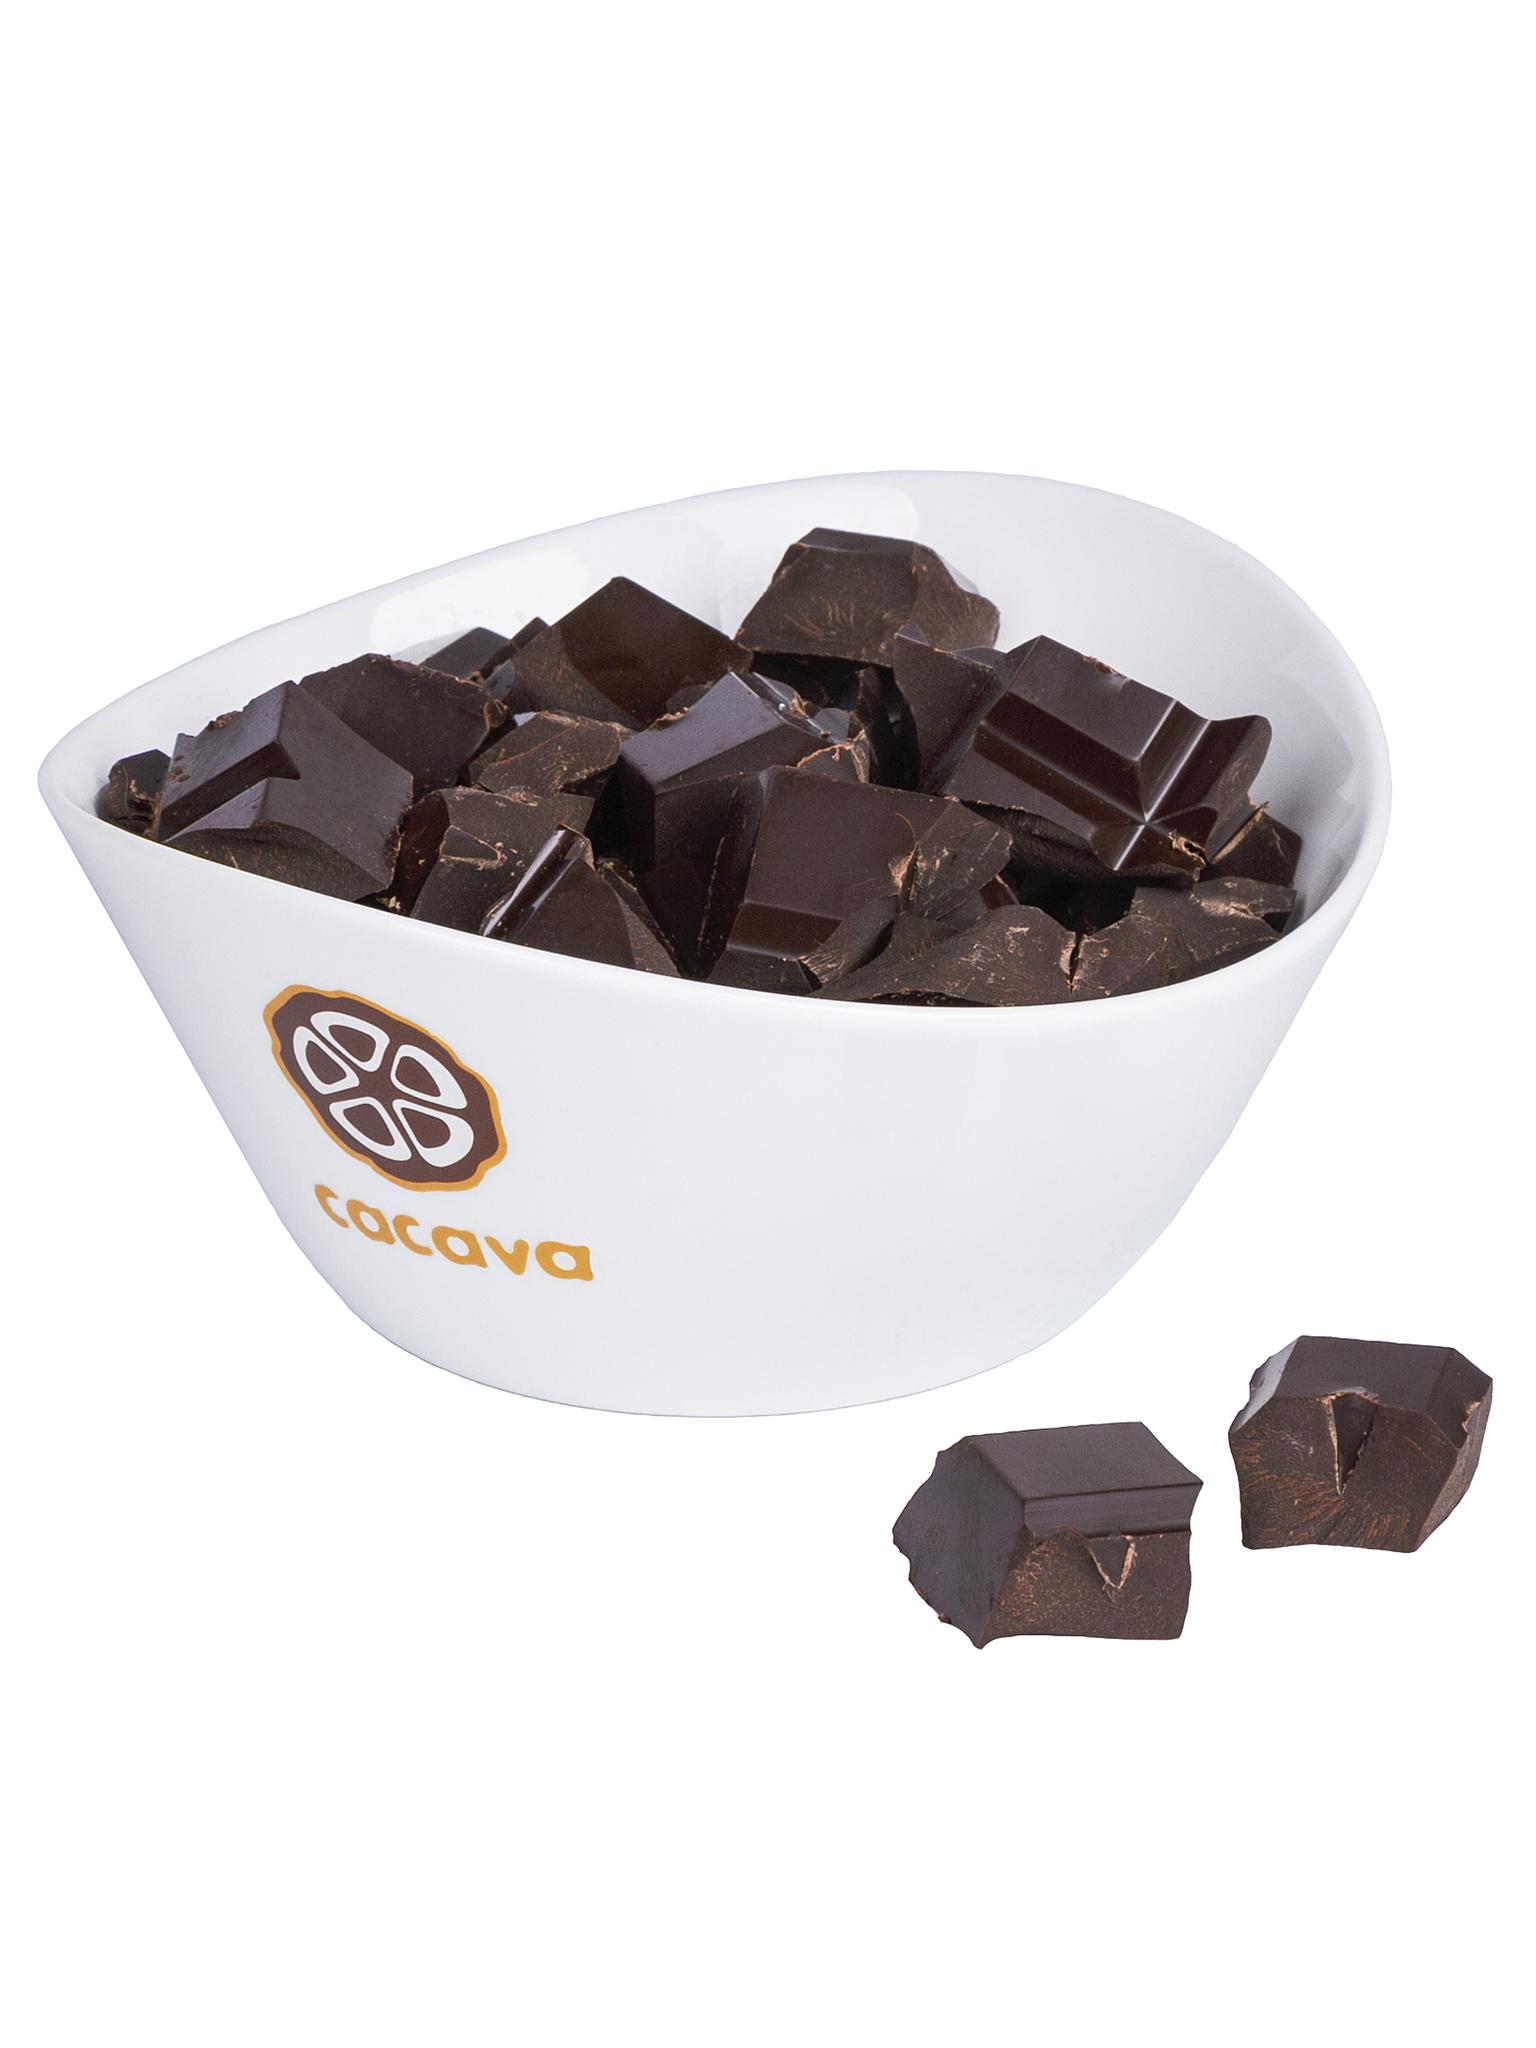 Тёмный шоколад 70 % какао (Того, Badou), внешний вид